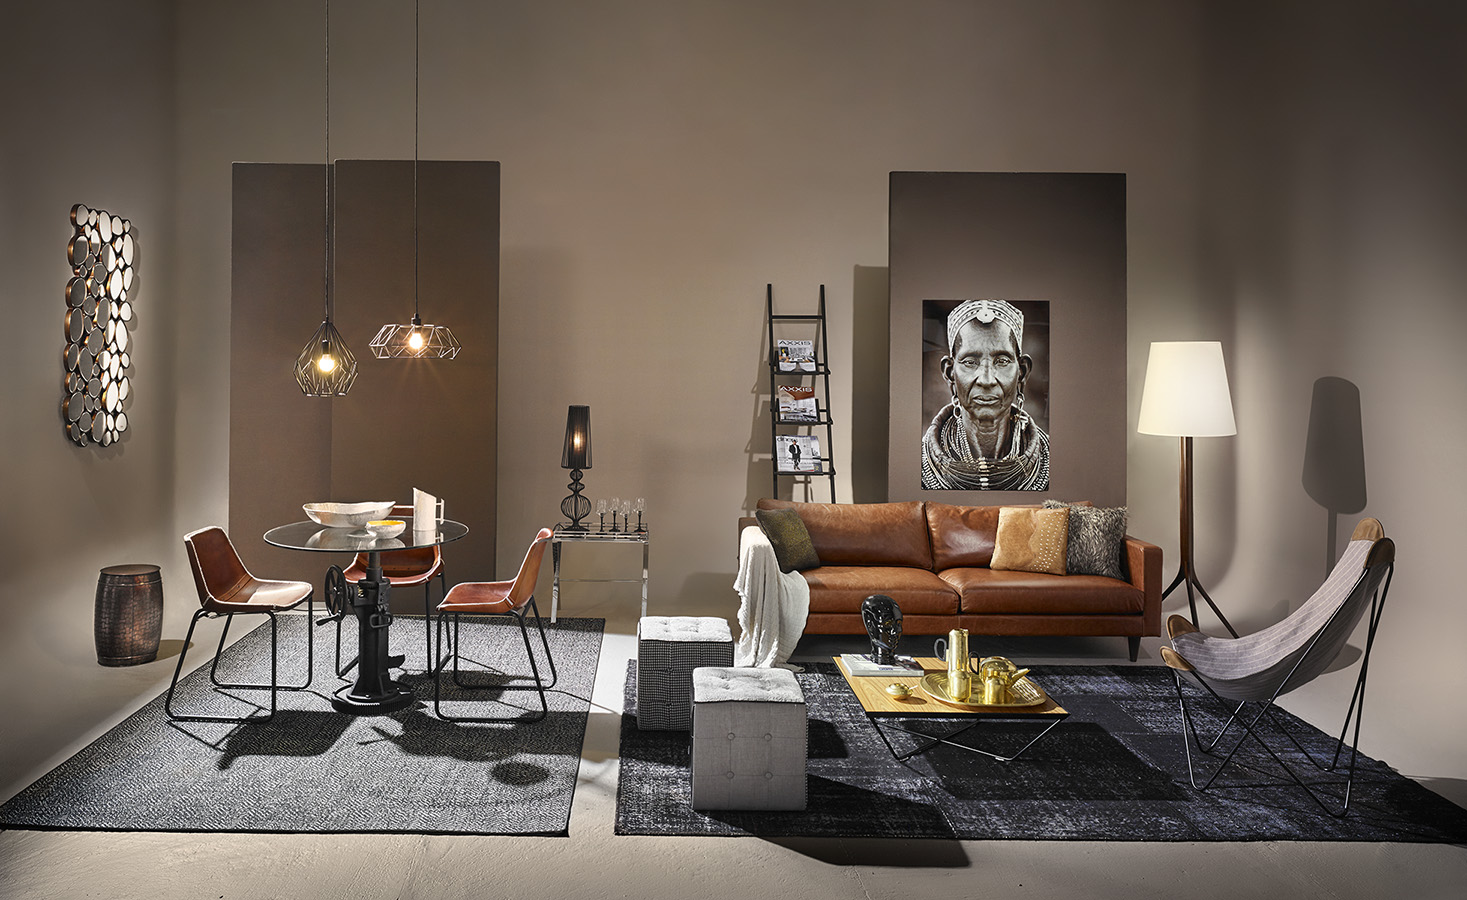 decoracion-contemporanea-revista-axxis-7